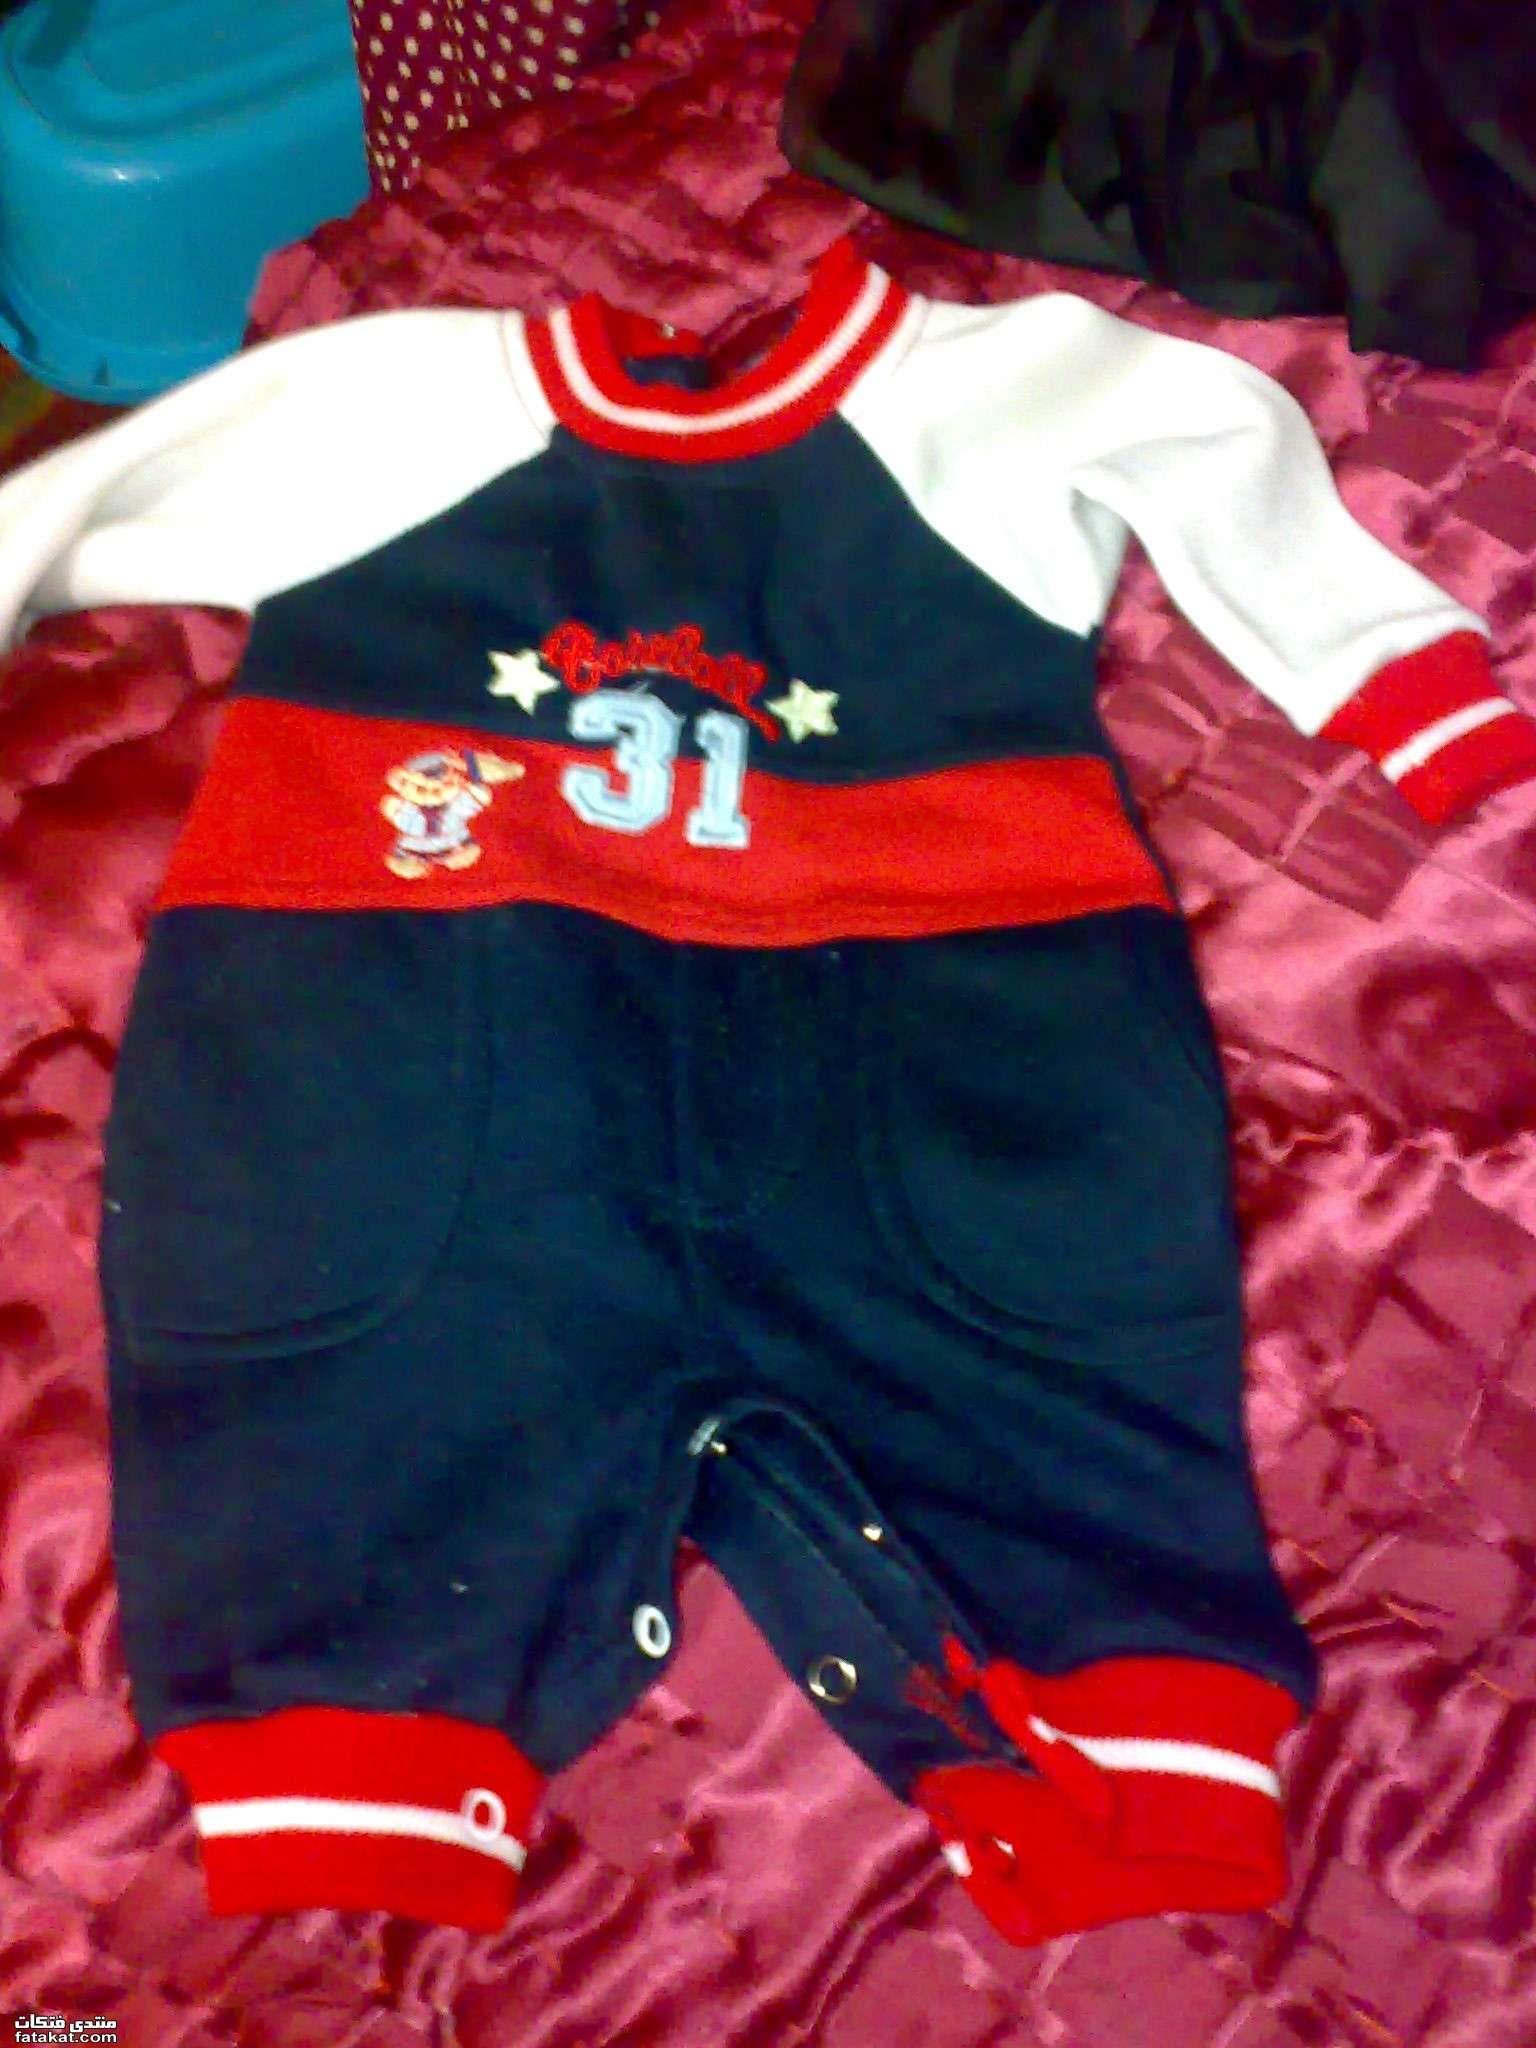 بالصور ملابس اطفال للبيع , اروع تشكيلة ملابس اطفال للبيع 2544 2